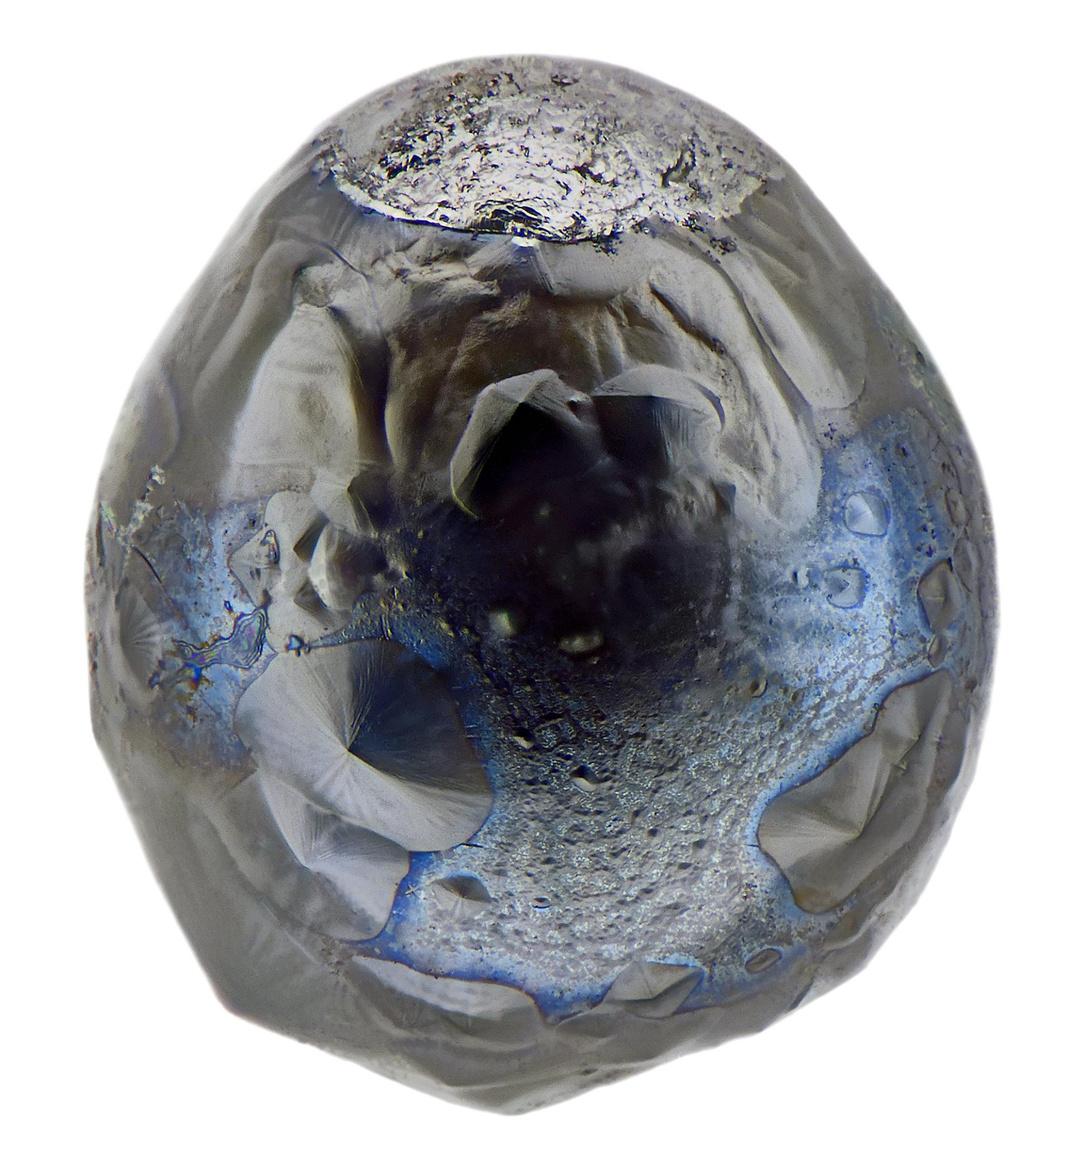 Ez a kb 0,3 mm-es mikrometeorit okoz némi fejtörést az elemzőknek. Annyi biztos, hogy nikkel-vas magja kitüremkedett a légkörben lassulva, de a kékes színű, üvegszerű olvadékra nincs biztos magyarázat.